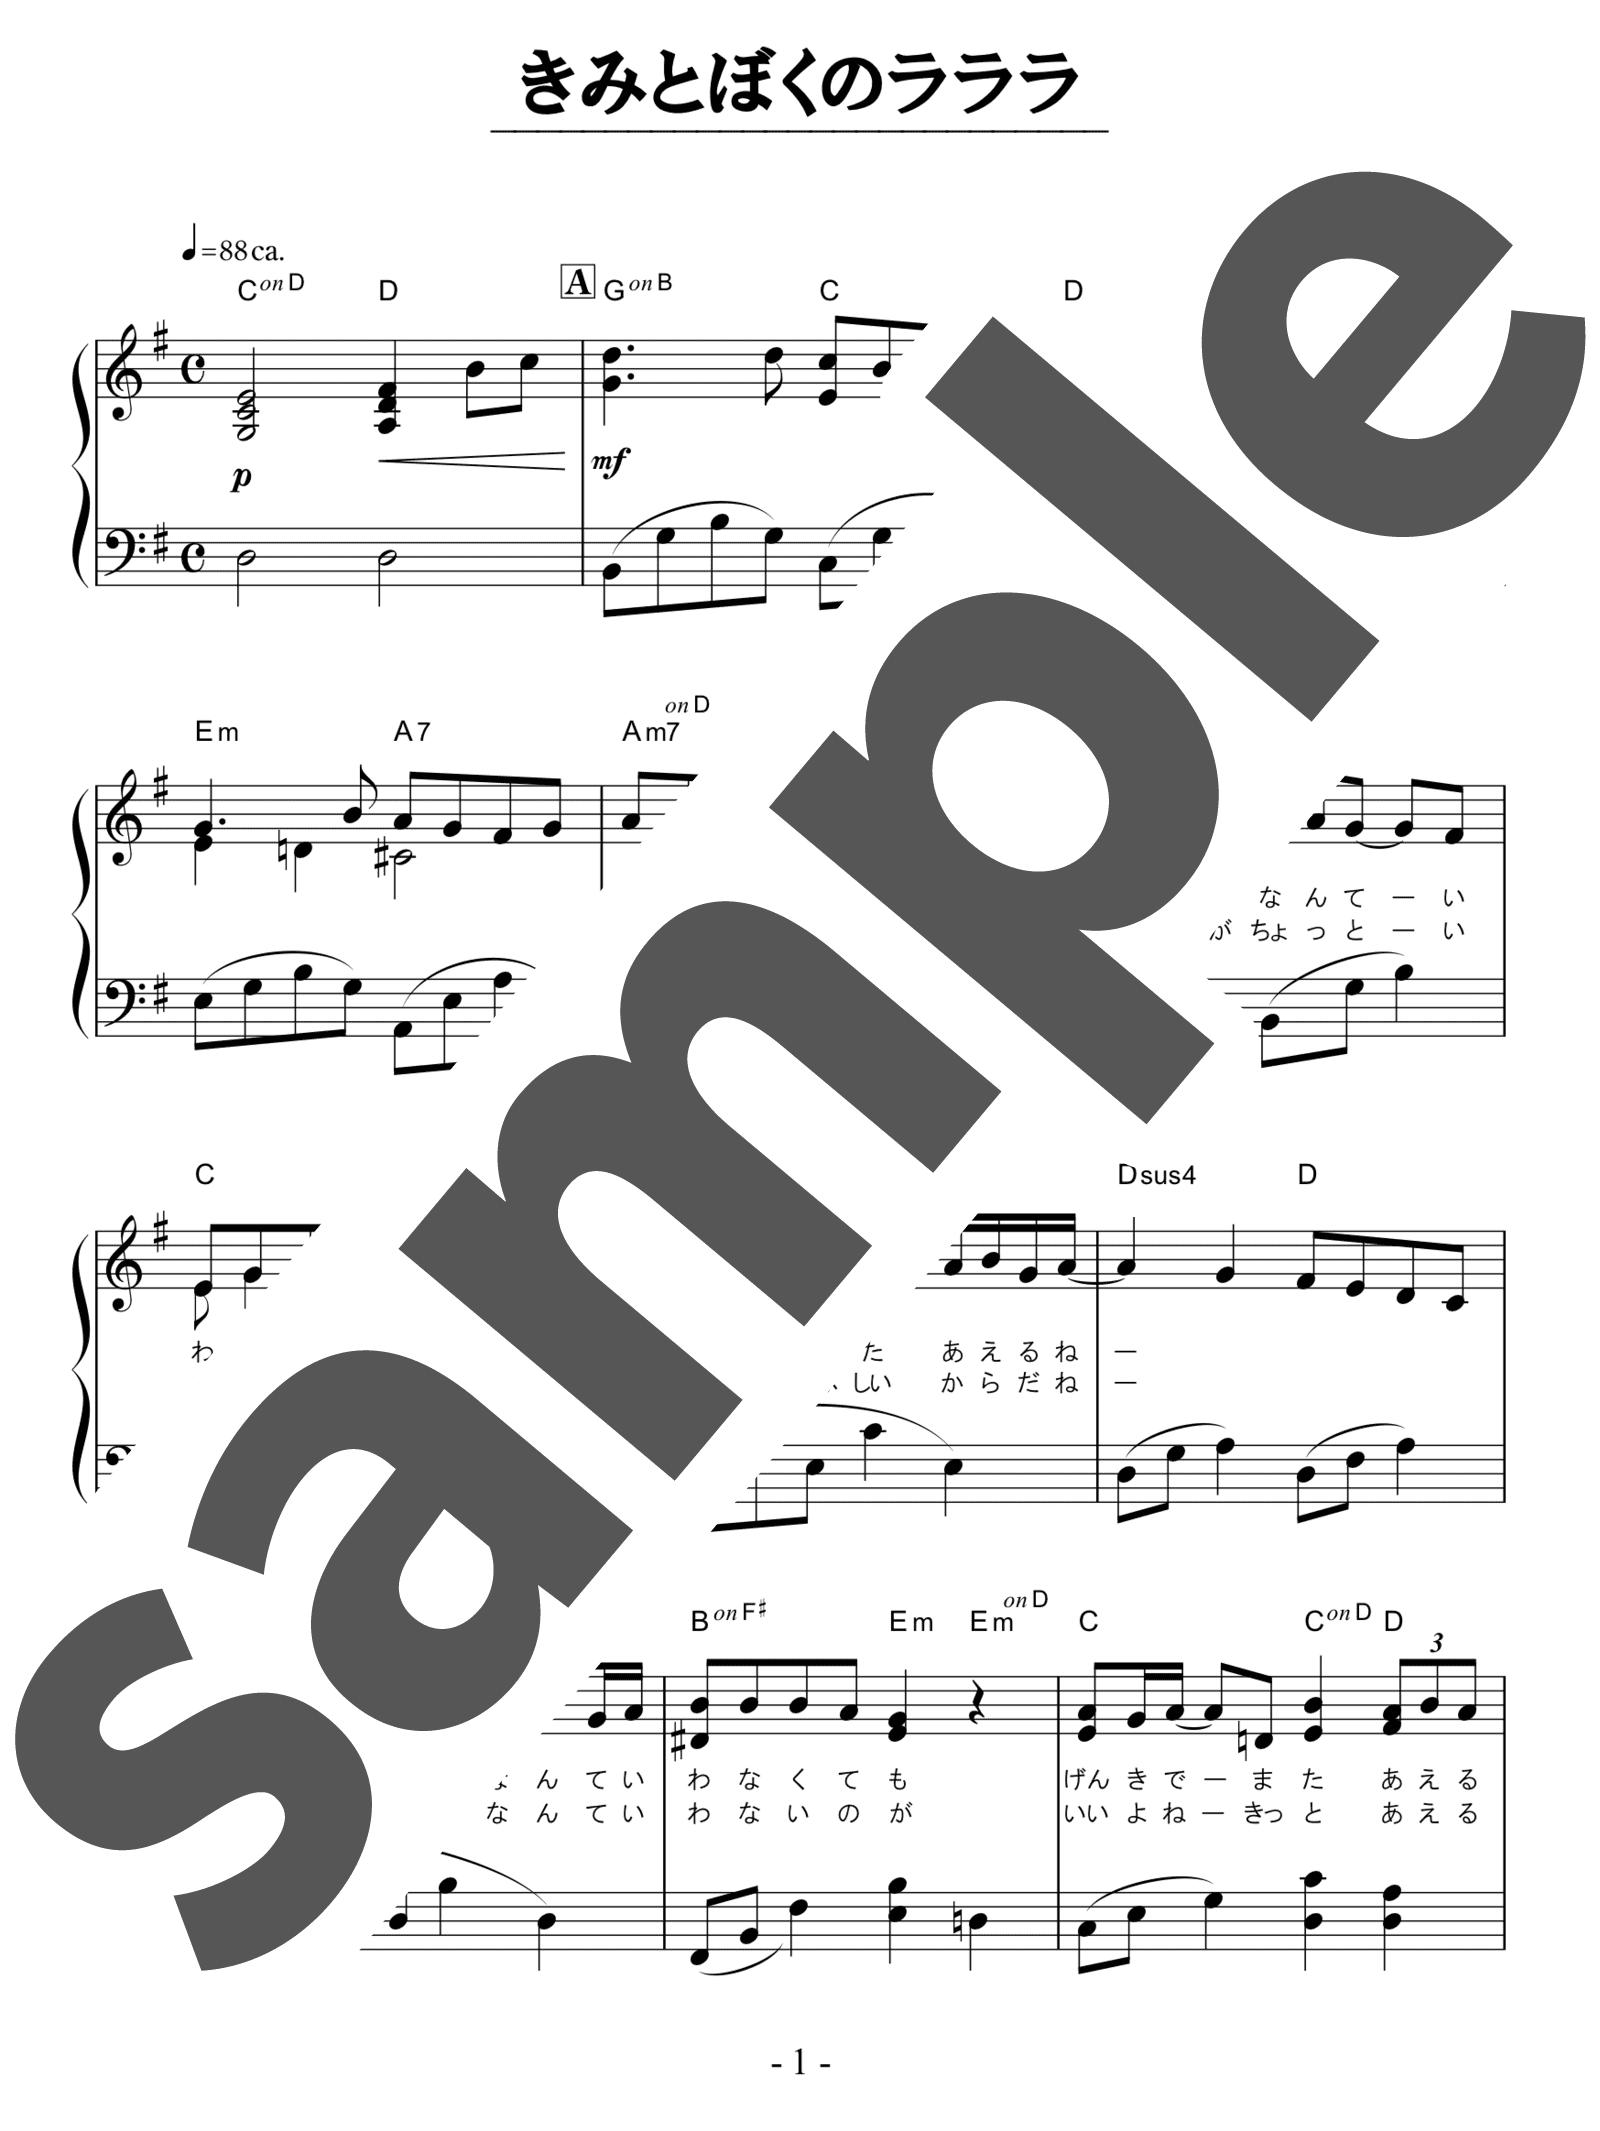 「きみとぼくのラララ」のサンプル楽譜